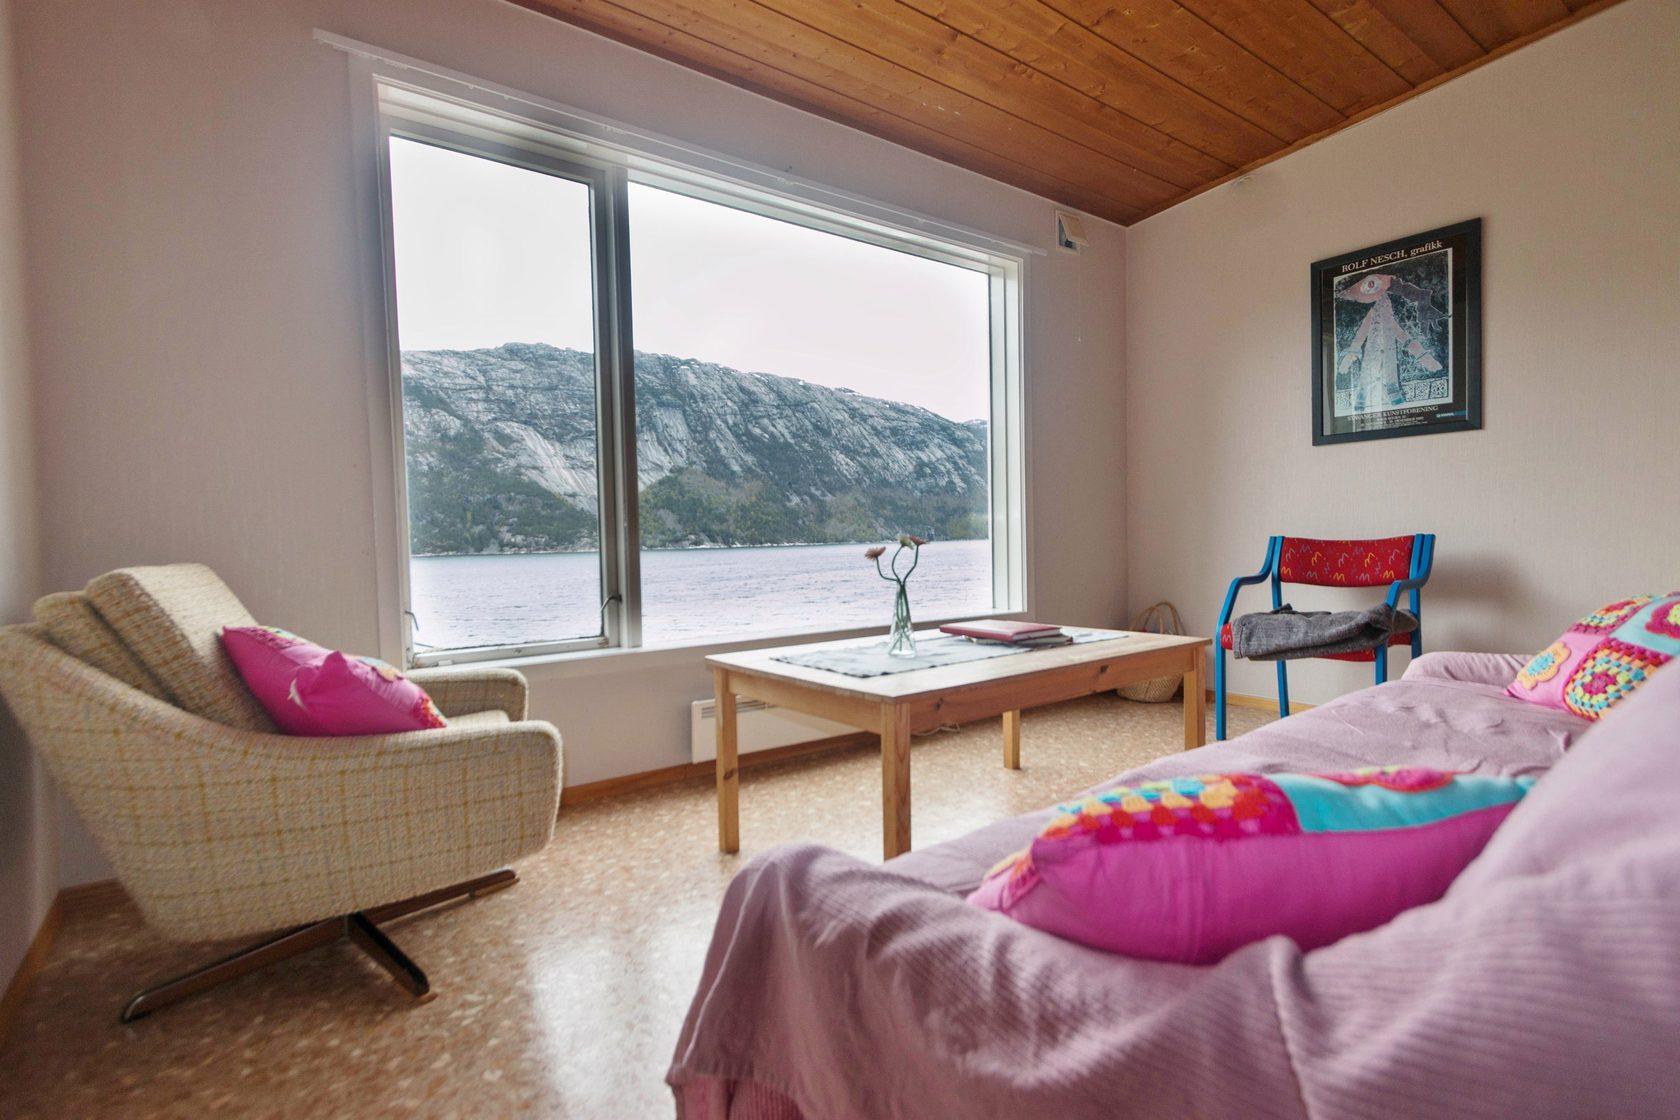 В нашем туре мы живем не в палатках или кемпингах, а в комфортных апартаментах с окнами в пол и захватывающим дух видом.